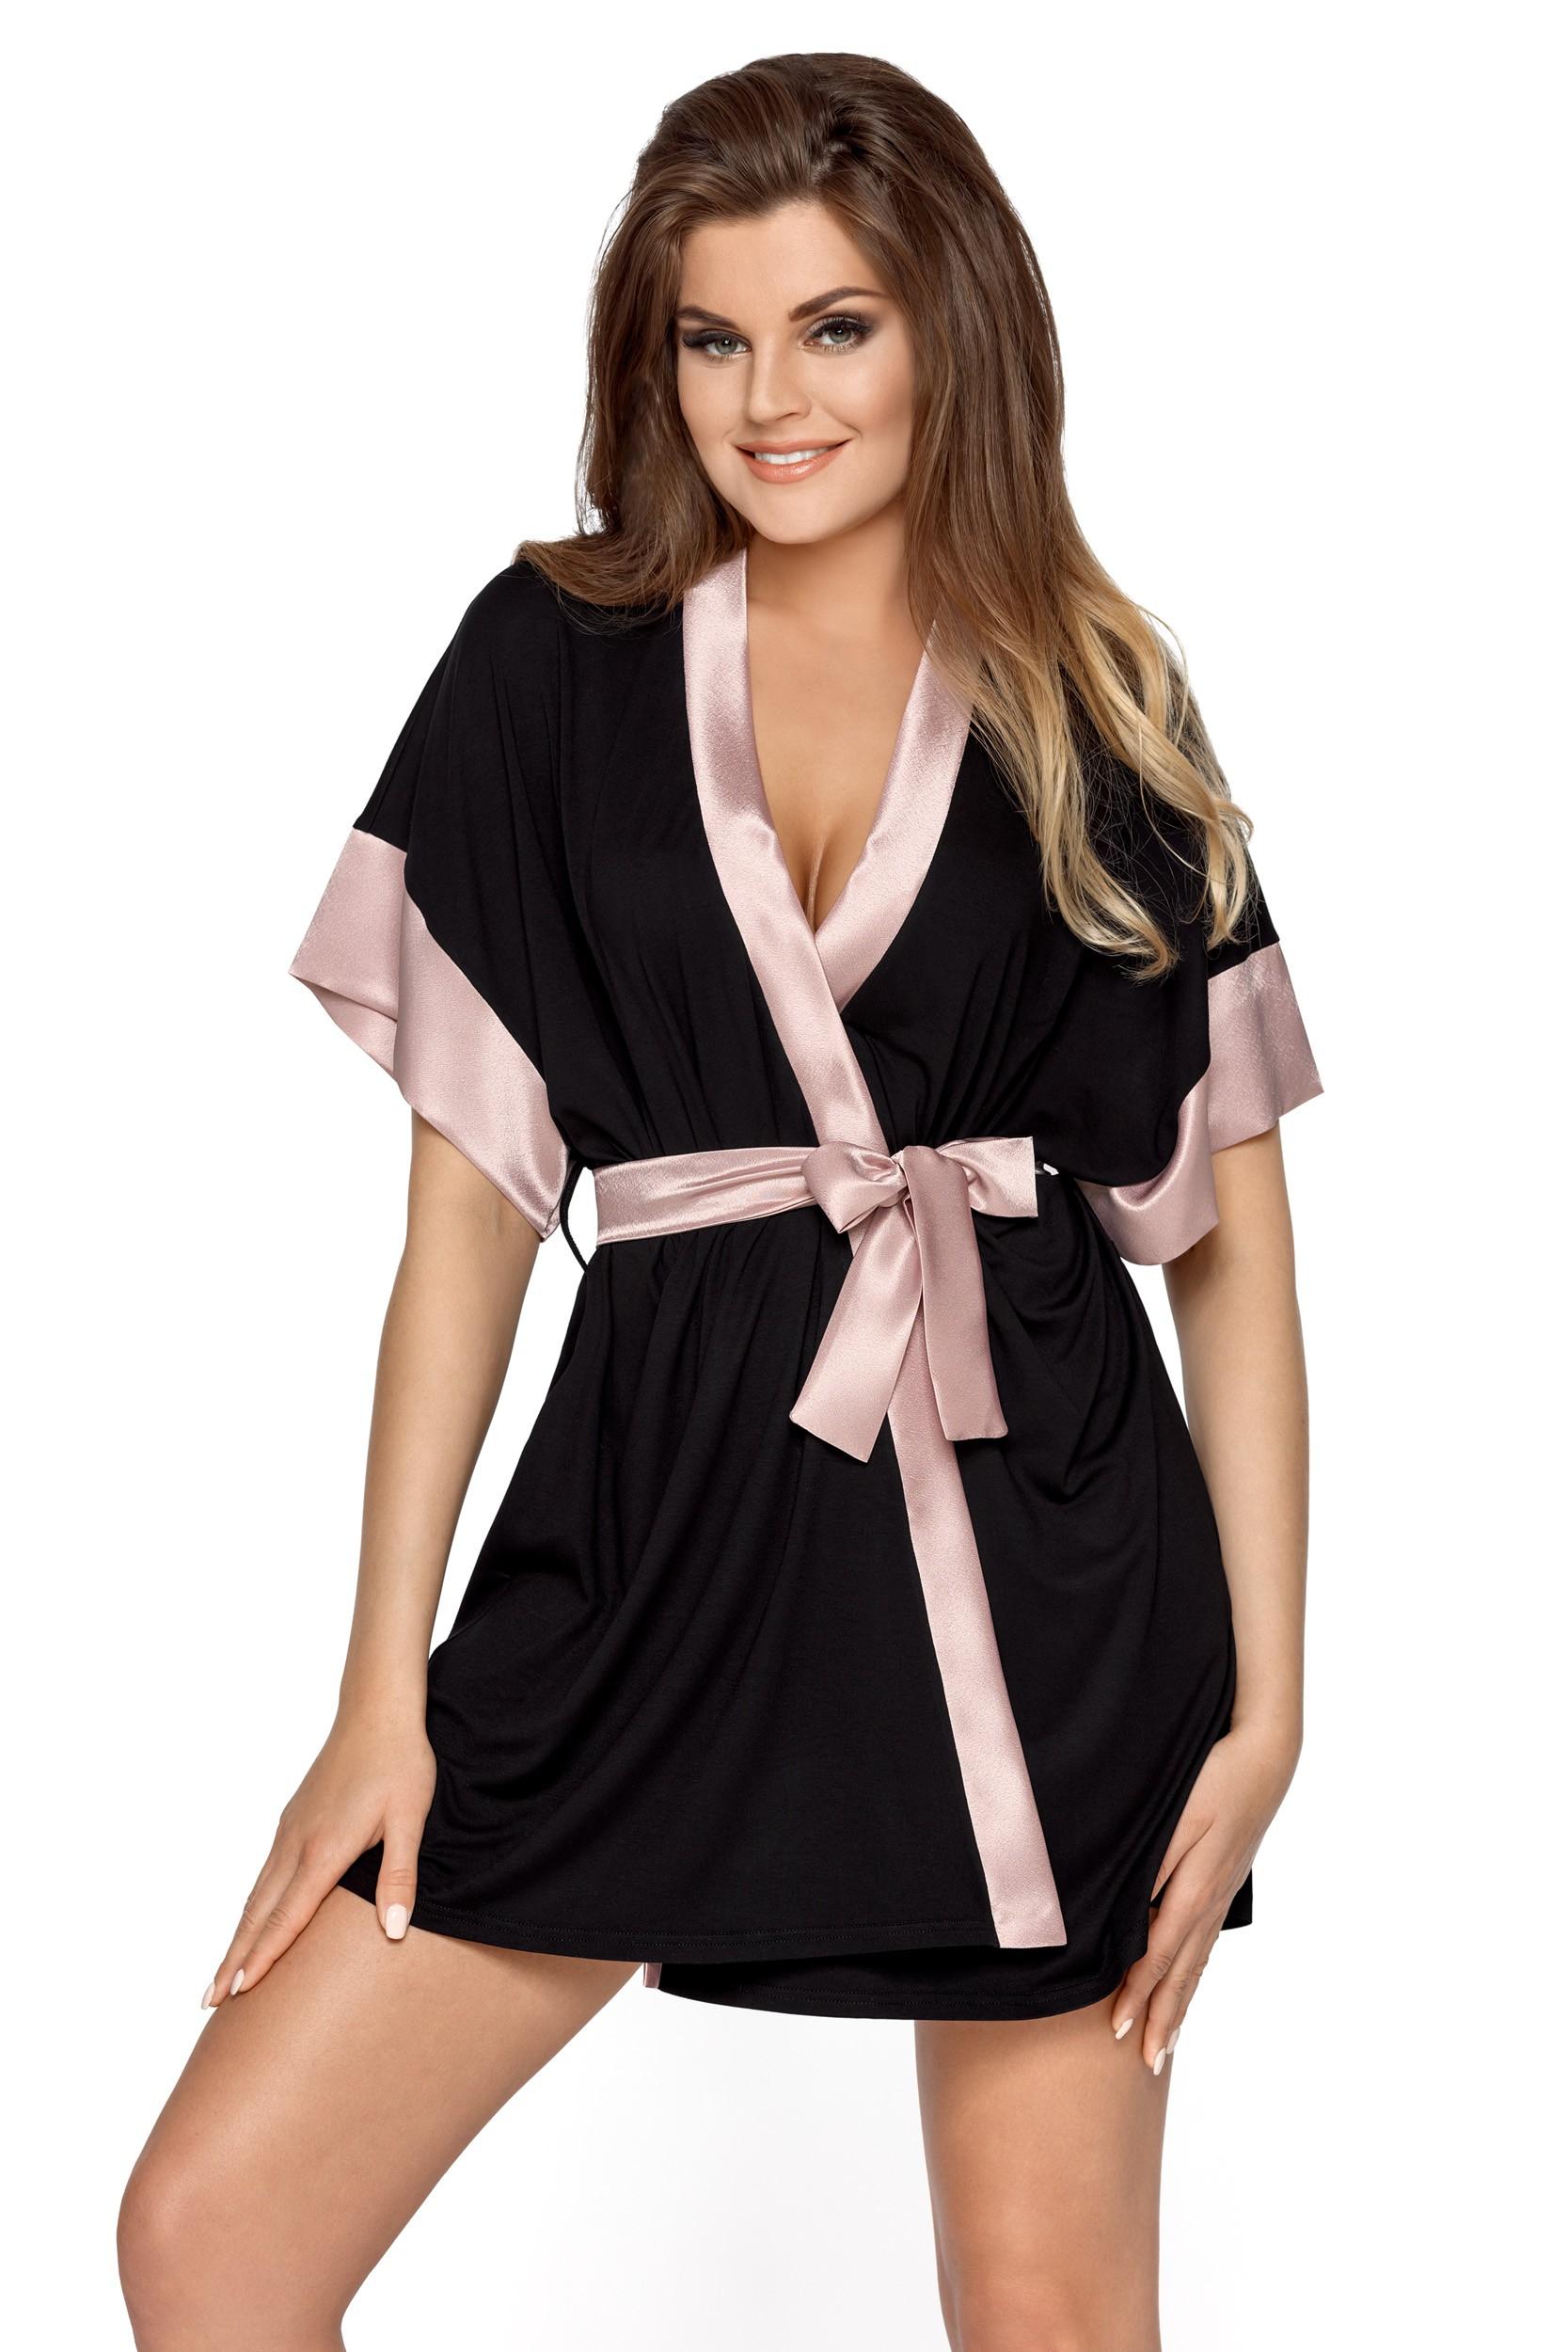 Romantický župan v černo růžové barvě pro ženy